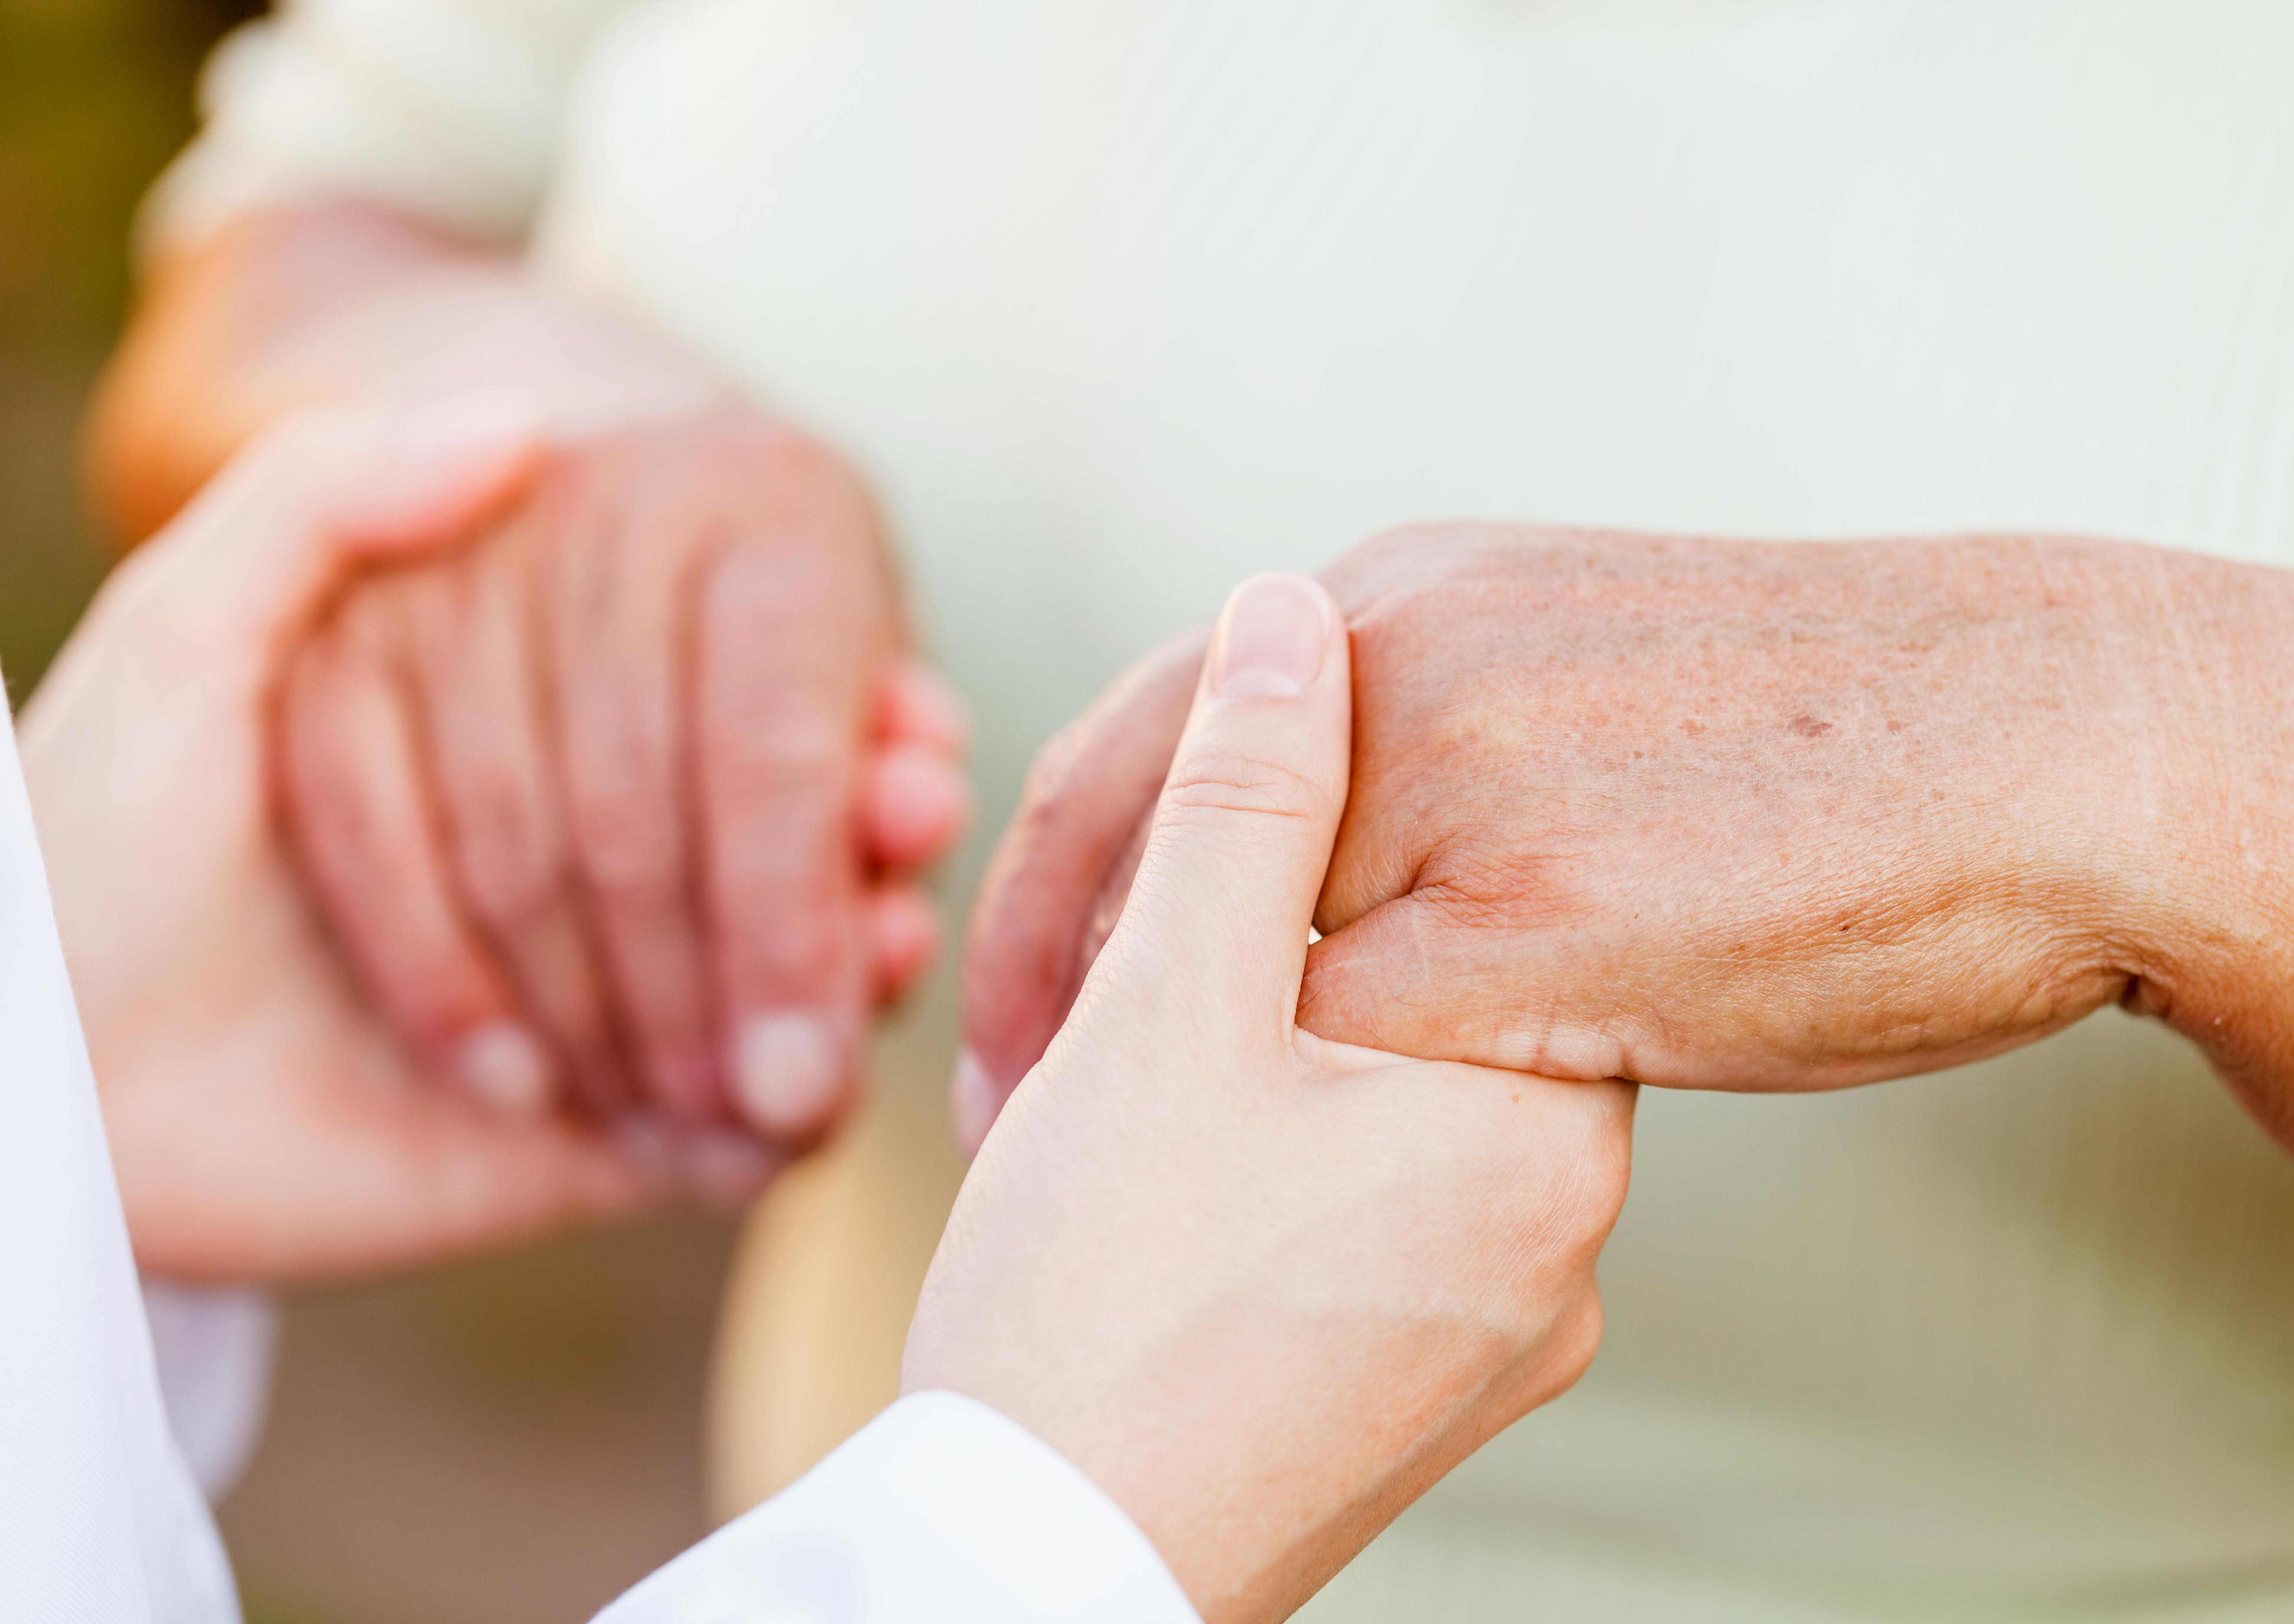 Betreuung immobiler Patienten